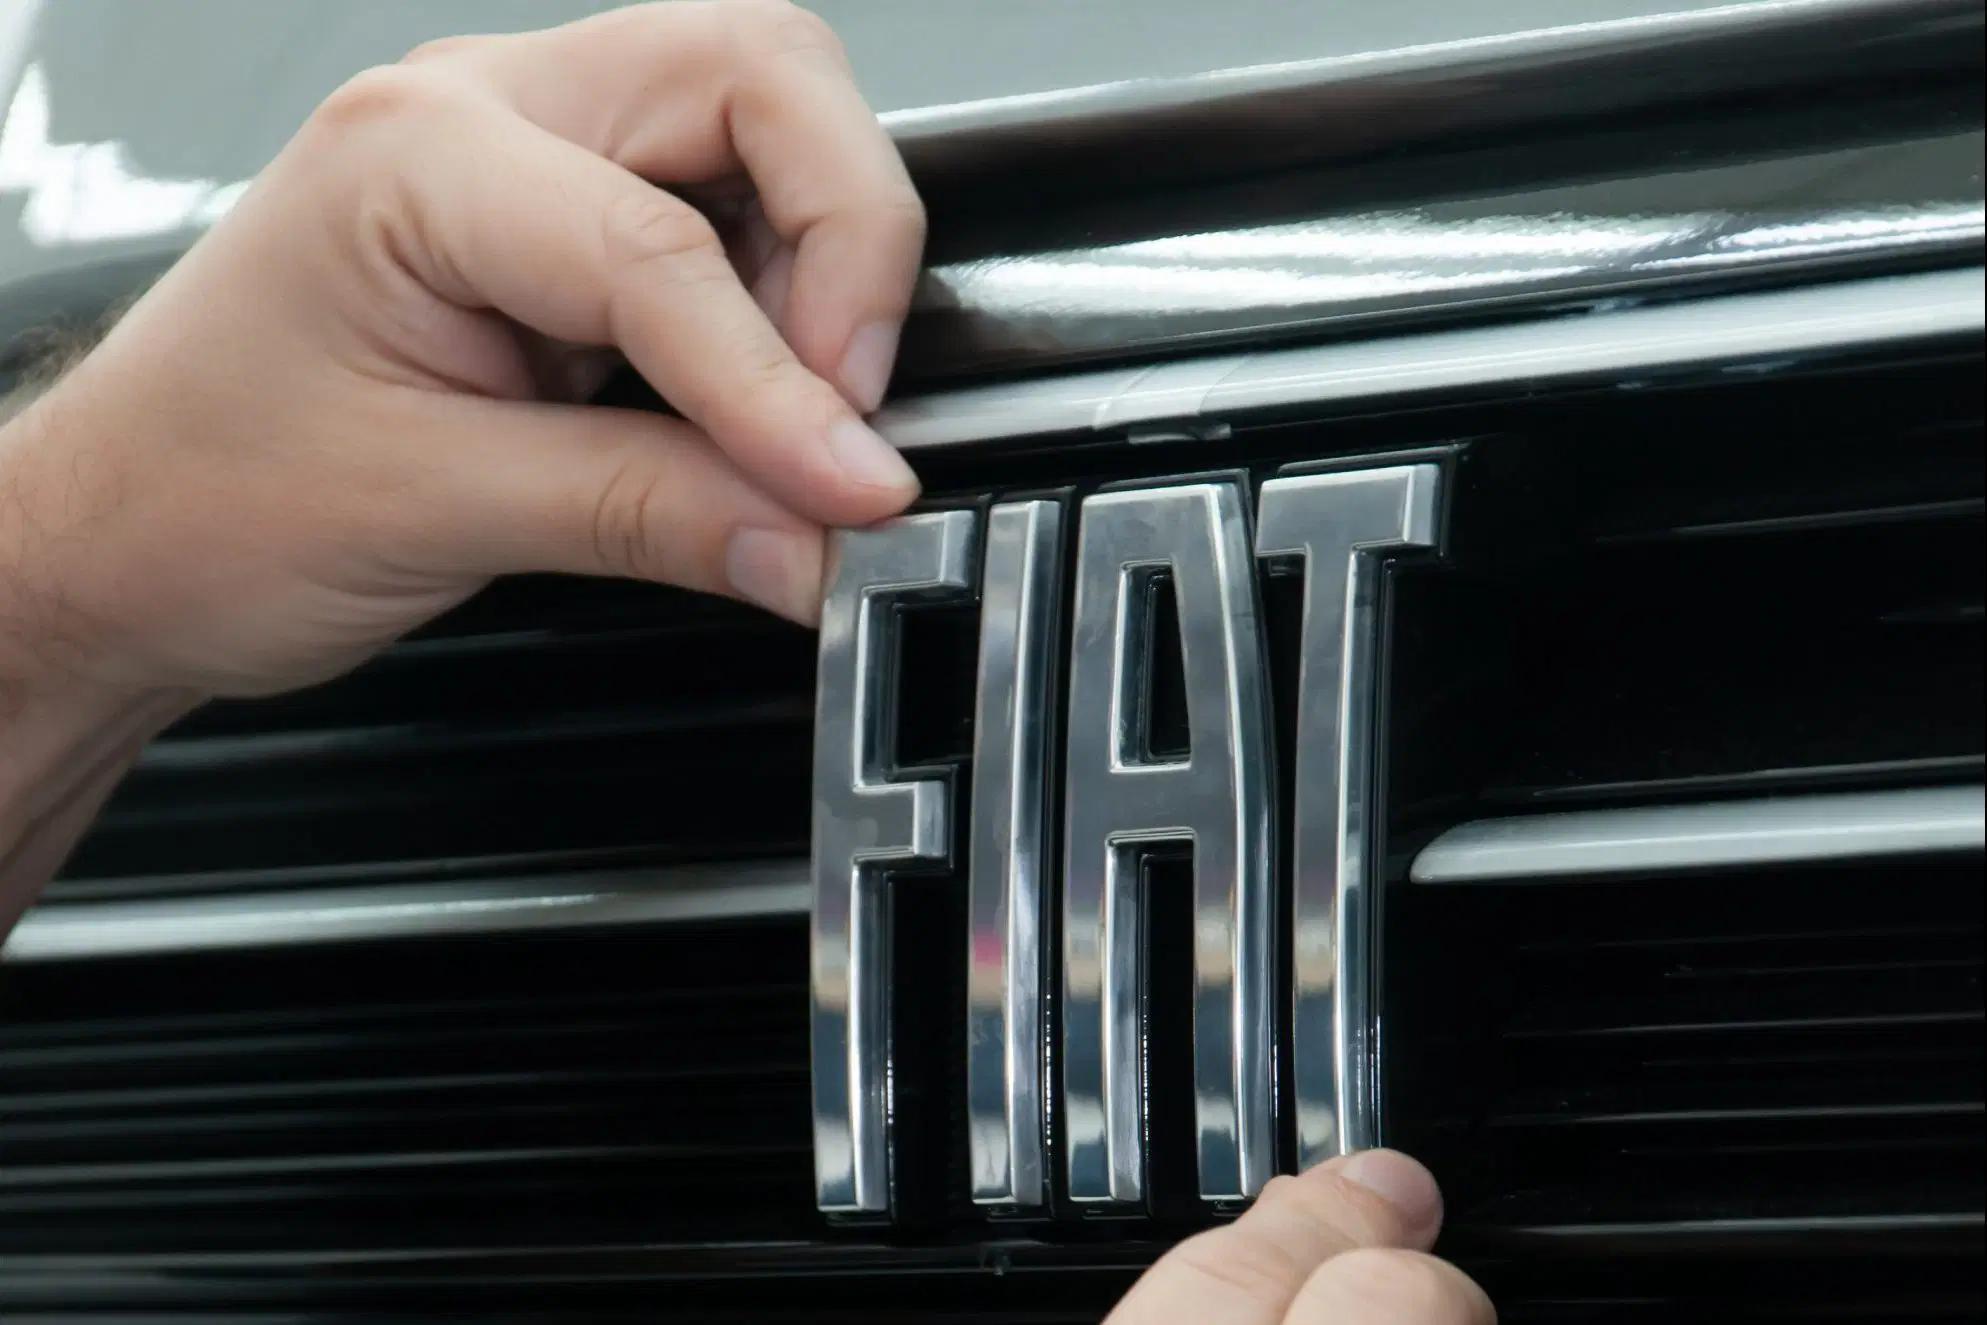 Imagem para ilustrar o texto sobre marcas de carro